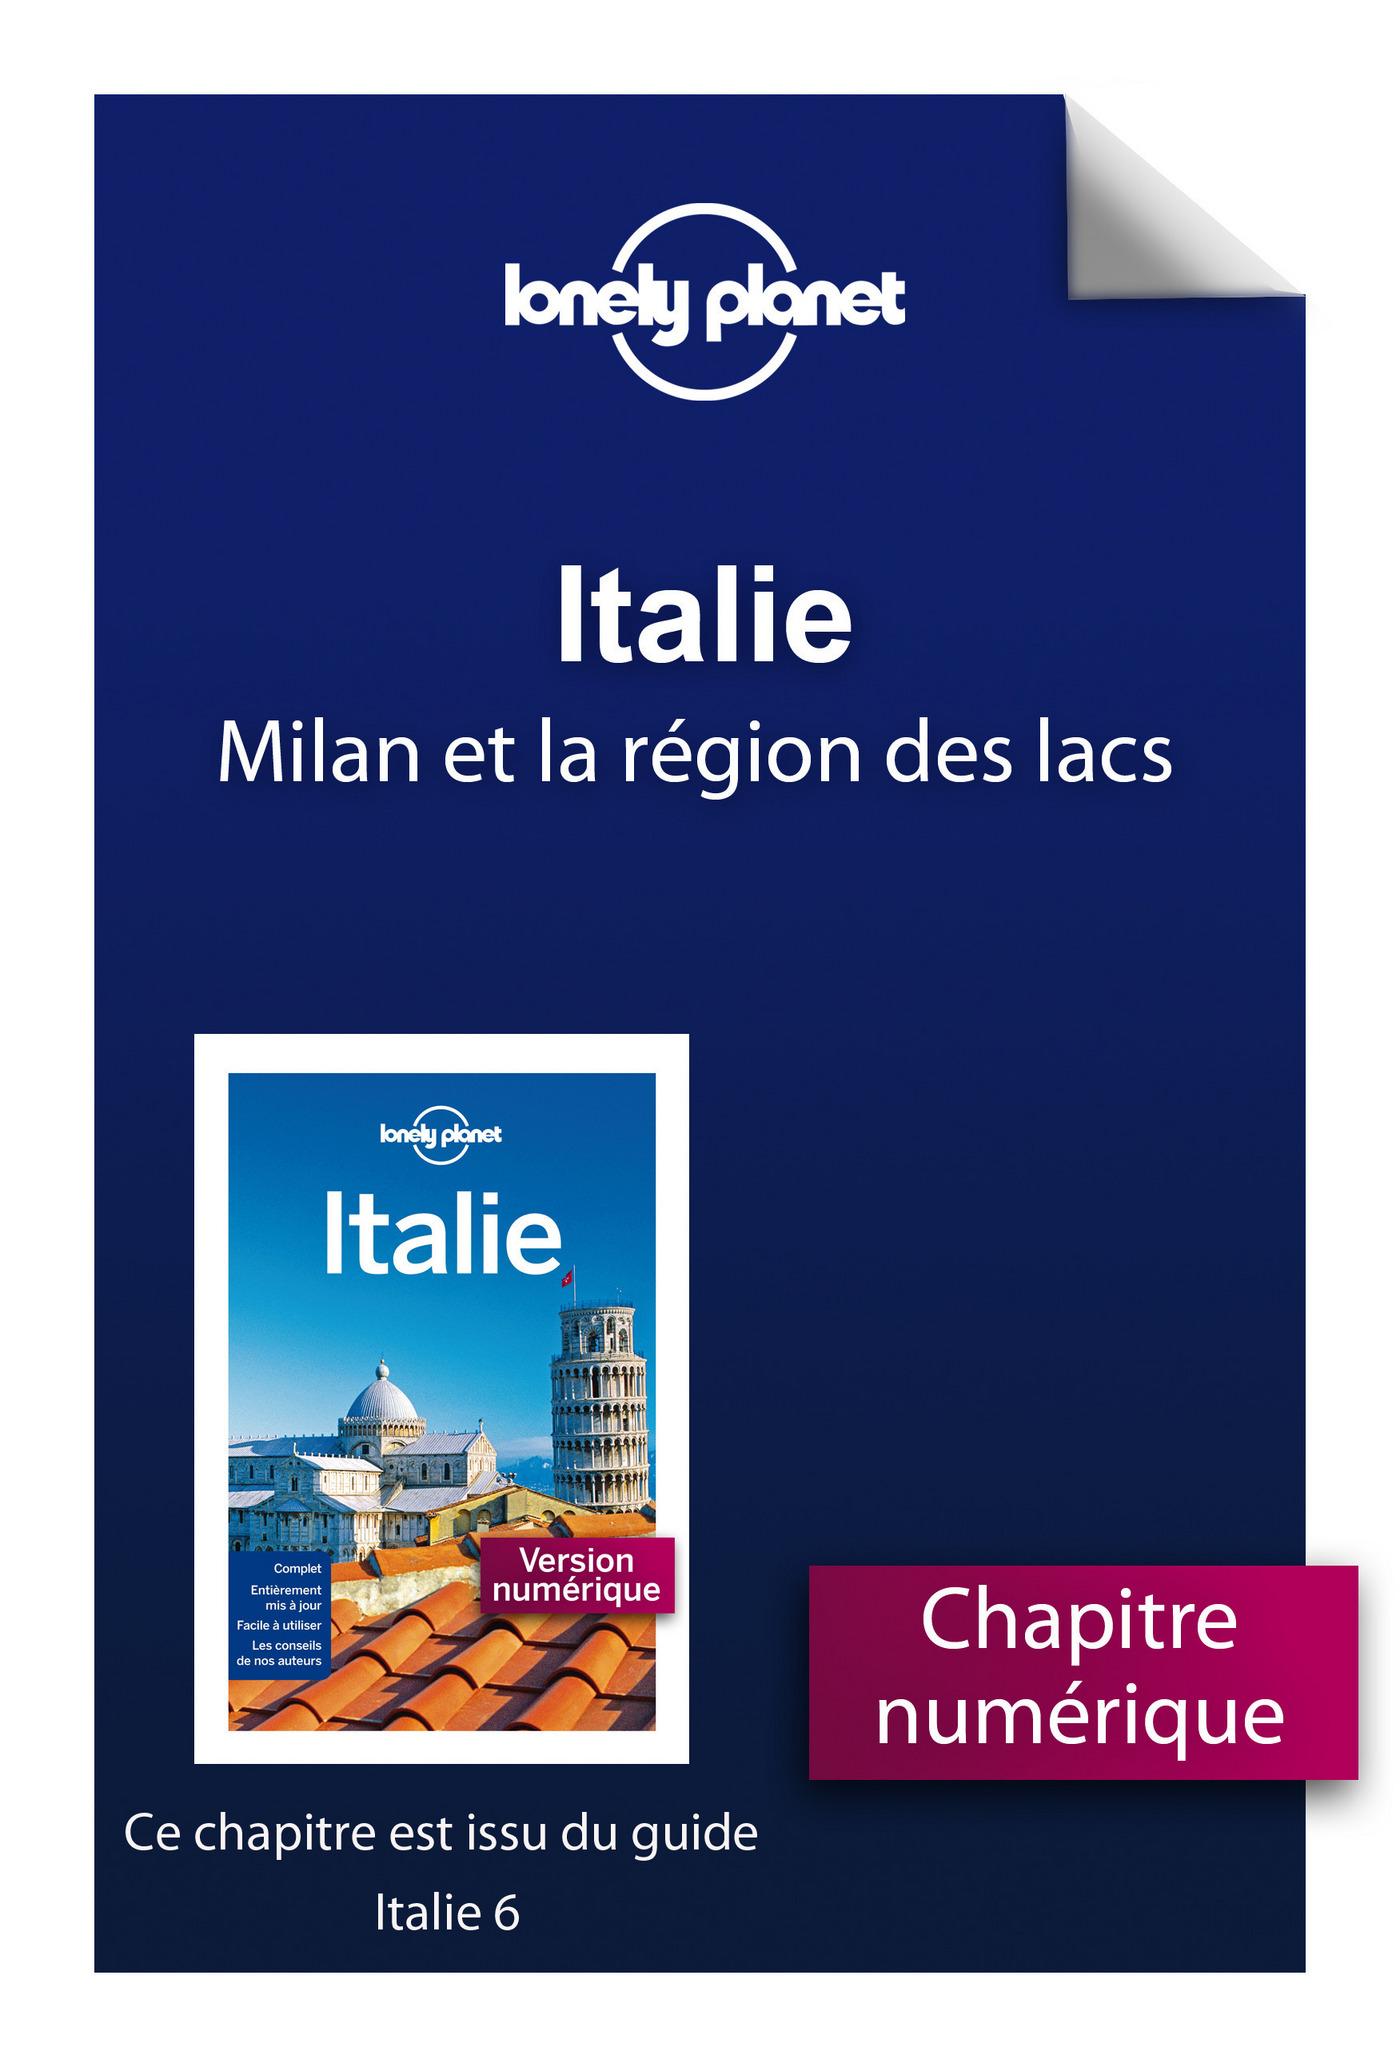 Italie 6 - Milan et la région des lacs